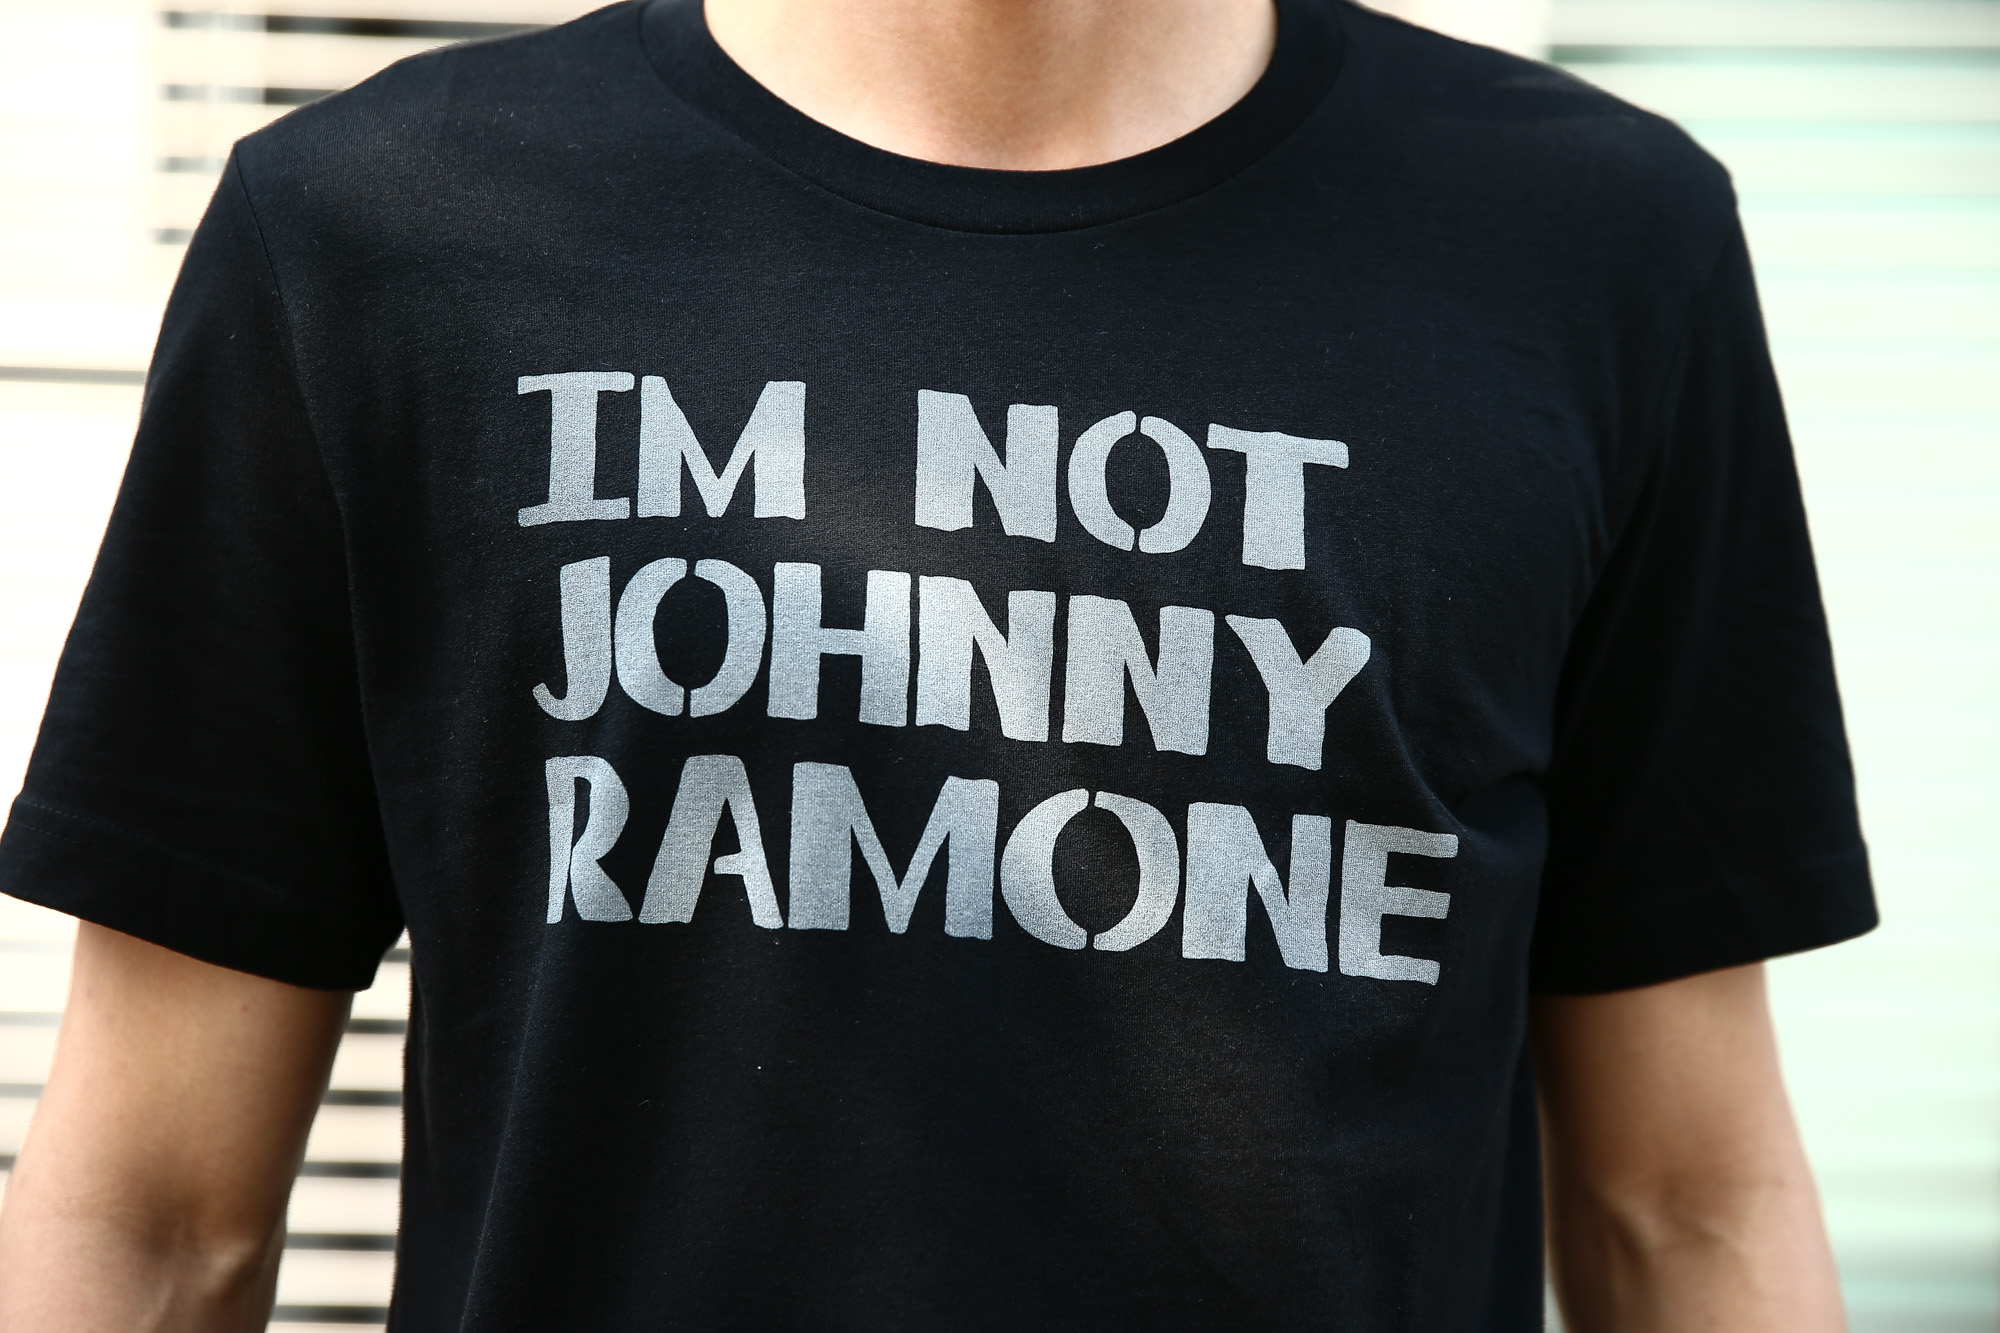 WORN FREE (ウォーンフリー) IM NOT JOHNNY RAMONE RAMONES (ジョニー・ラモーン ラモーンズ) 1977 THE WHISKY.LA プリントTシャツ バンドTシャツ ロックTシャツ BLACK (ブラック) MADE IN USA (アメリカ製) 2018春夏新作 wornfree ウォーンフリー 愛知 名古屋 ZODIAC ゾディアック ramones ラモーンズ bandtee rocktee